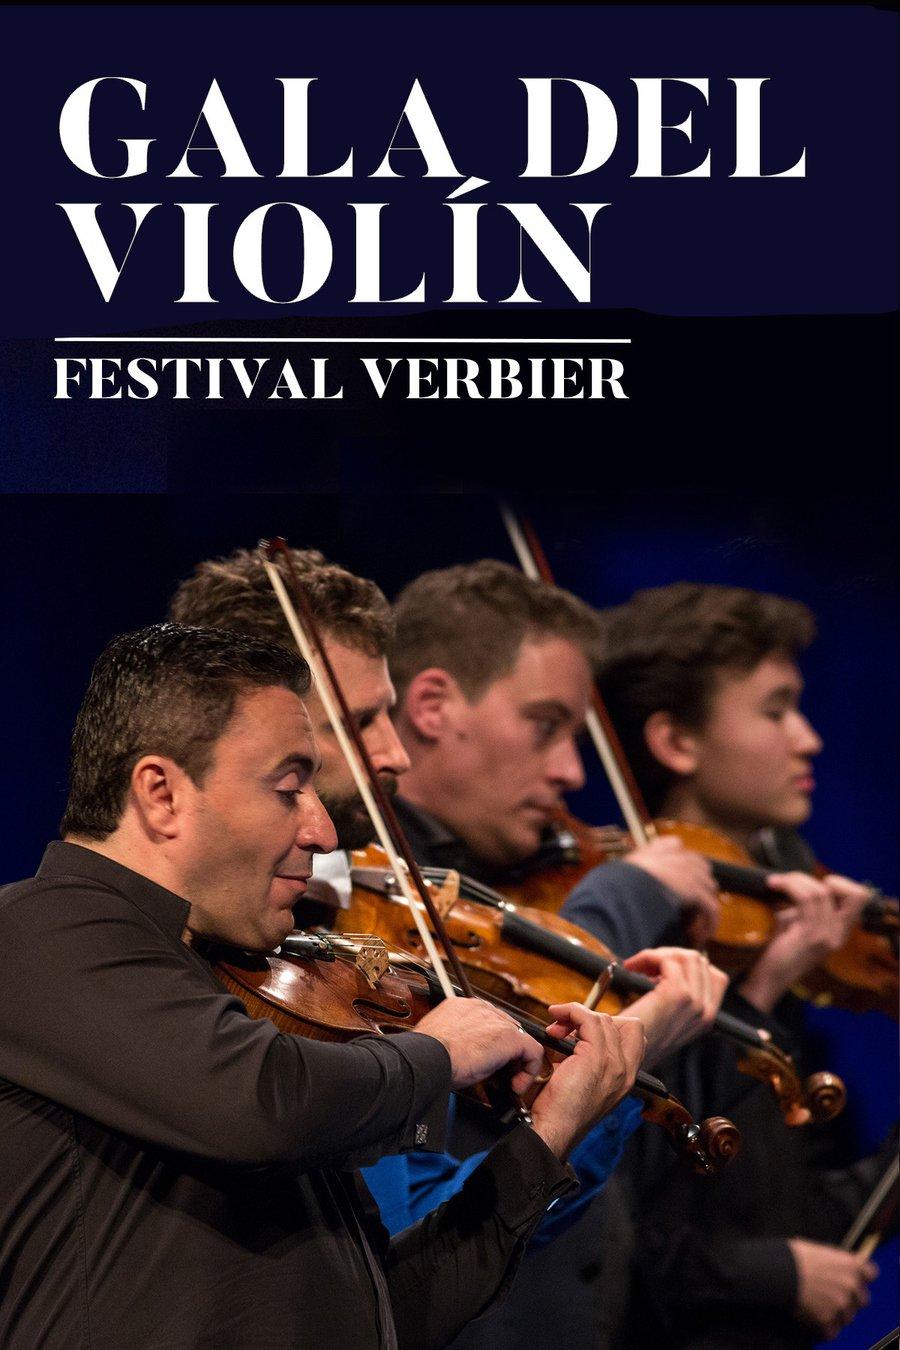 Festival de violí